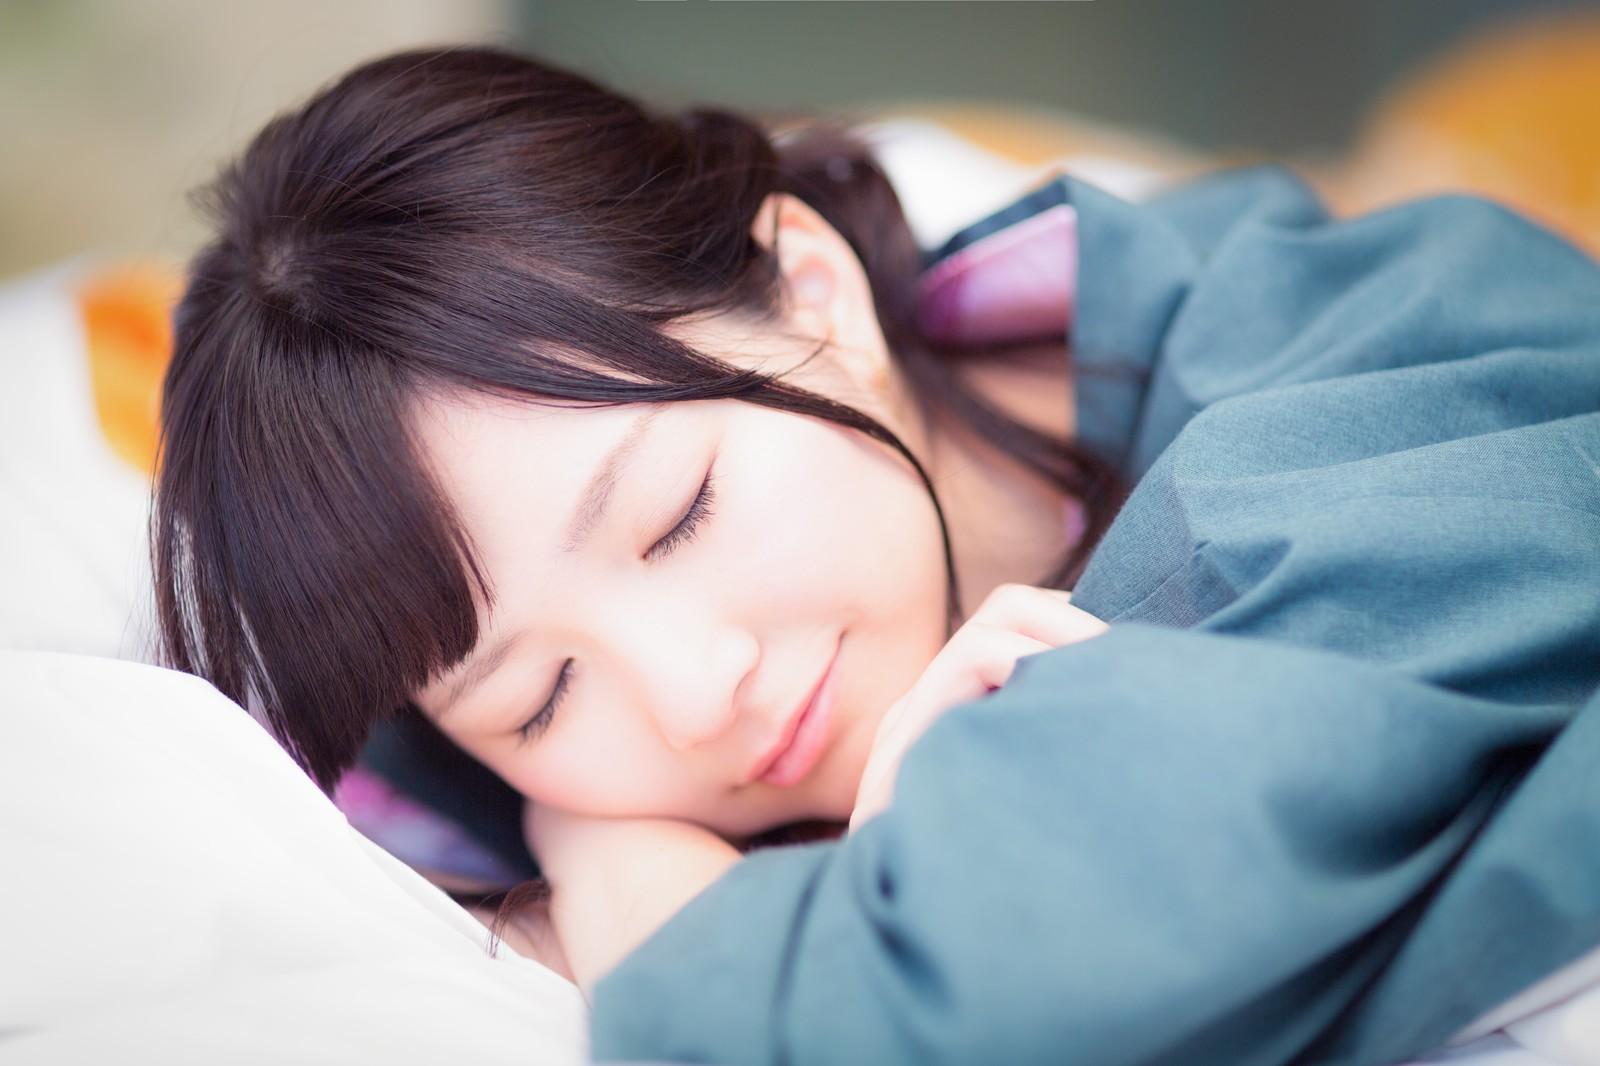 マッサージ中で寝ている女性の横顔の画像